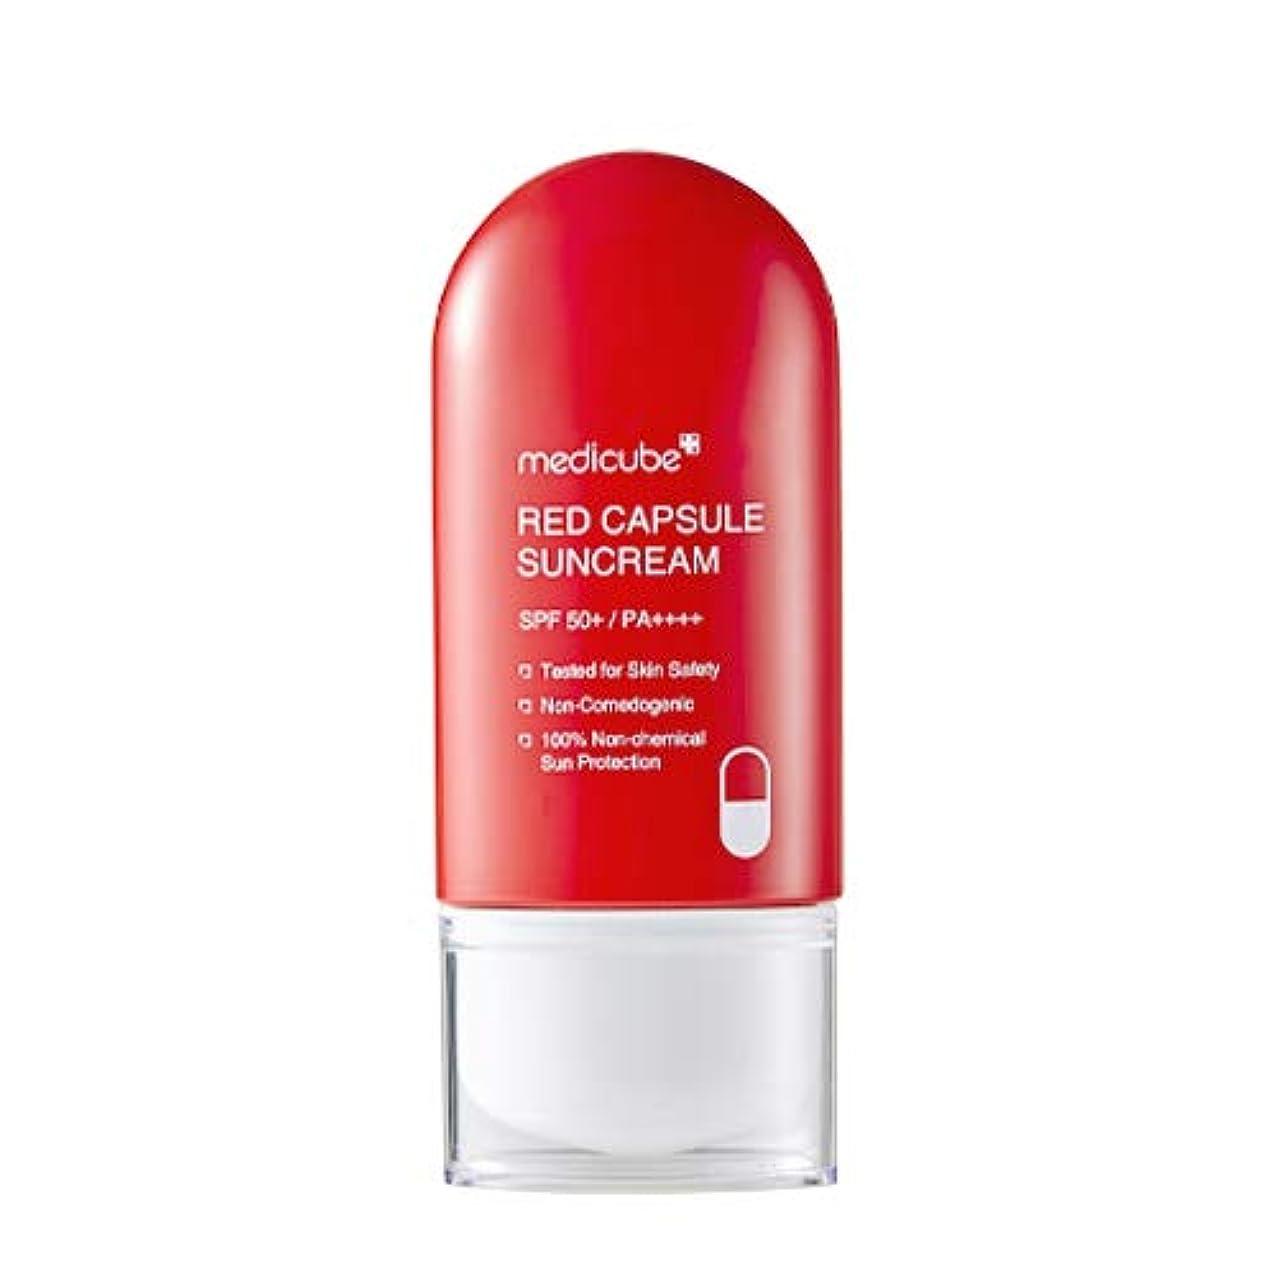 整然とした重荷スープメディキューブ日本公式(medicube) レッドカプセルサンクリーム MEDICUBE RED CAPSULE SUNCREAM 30g